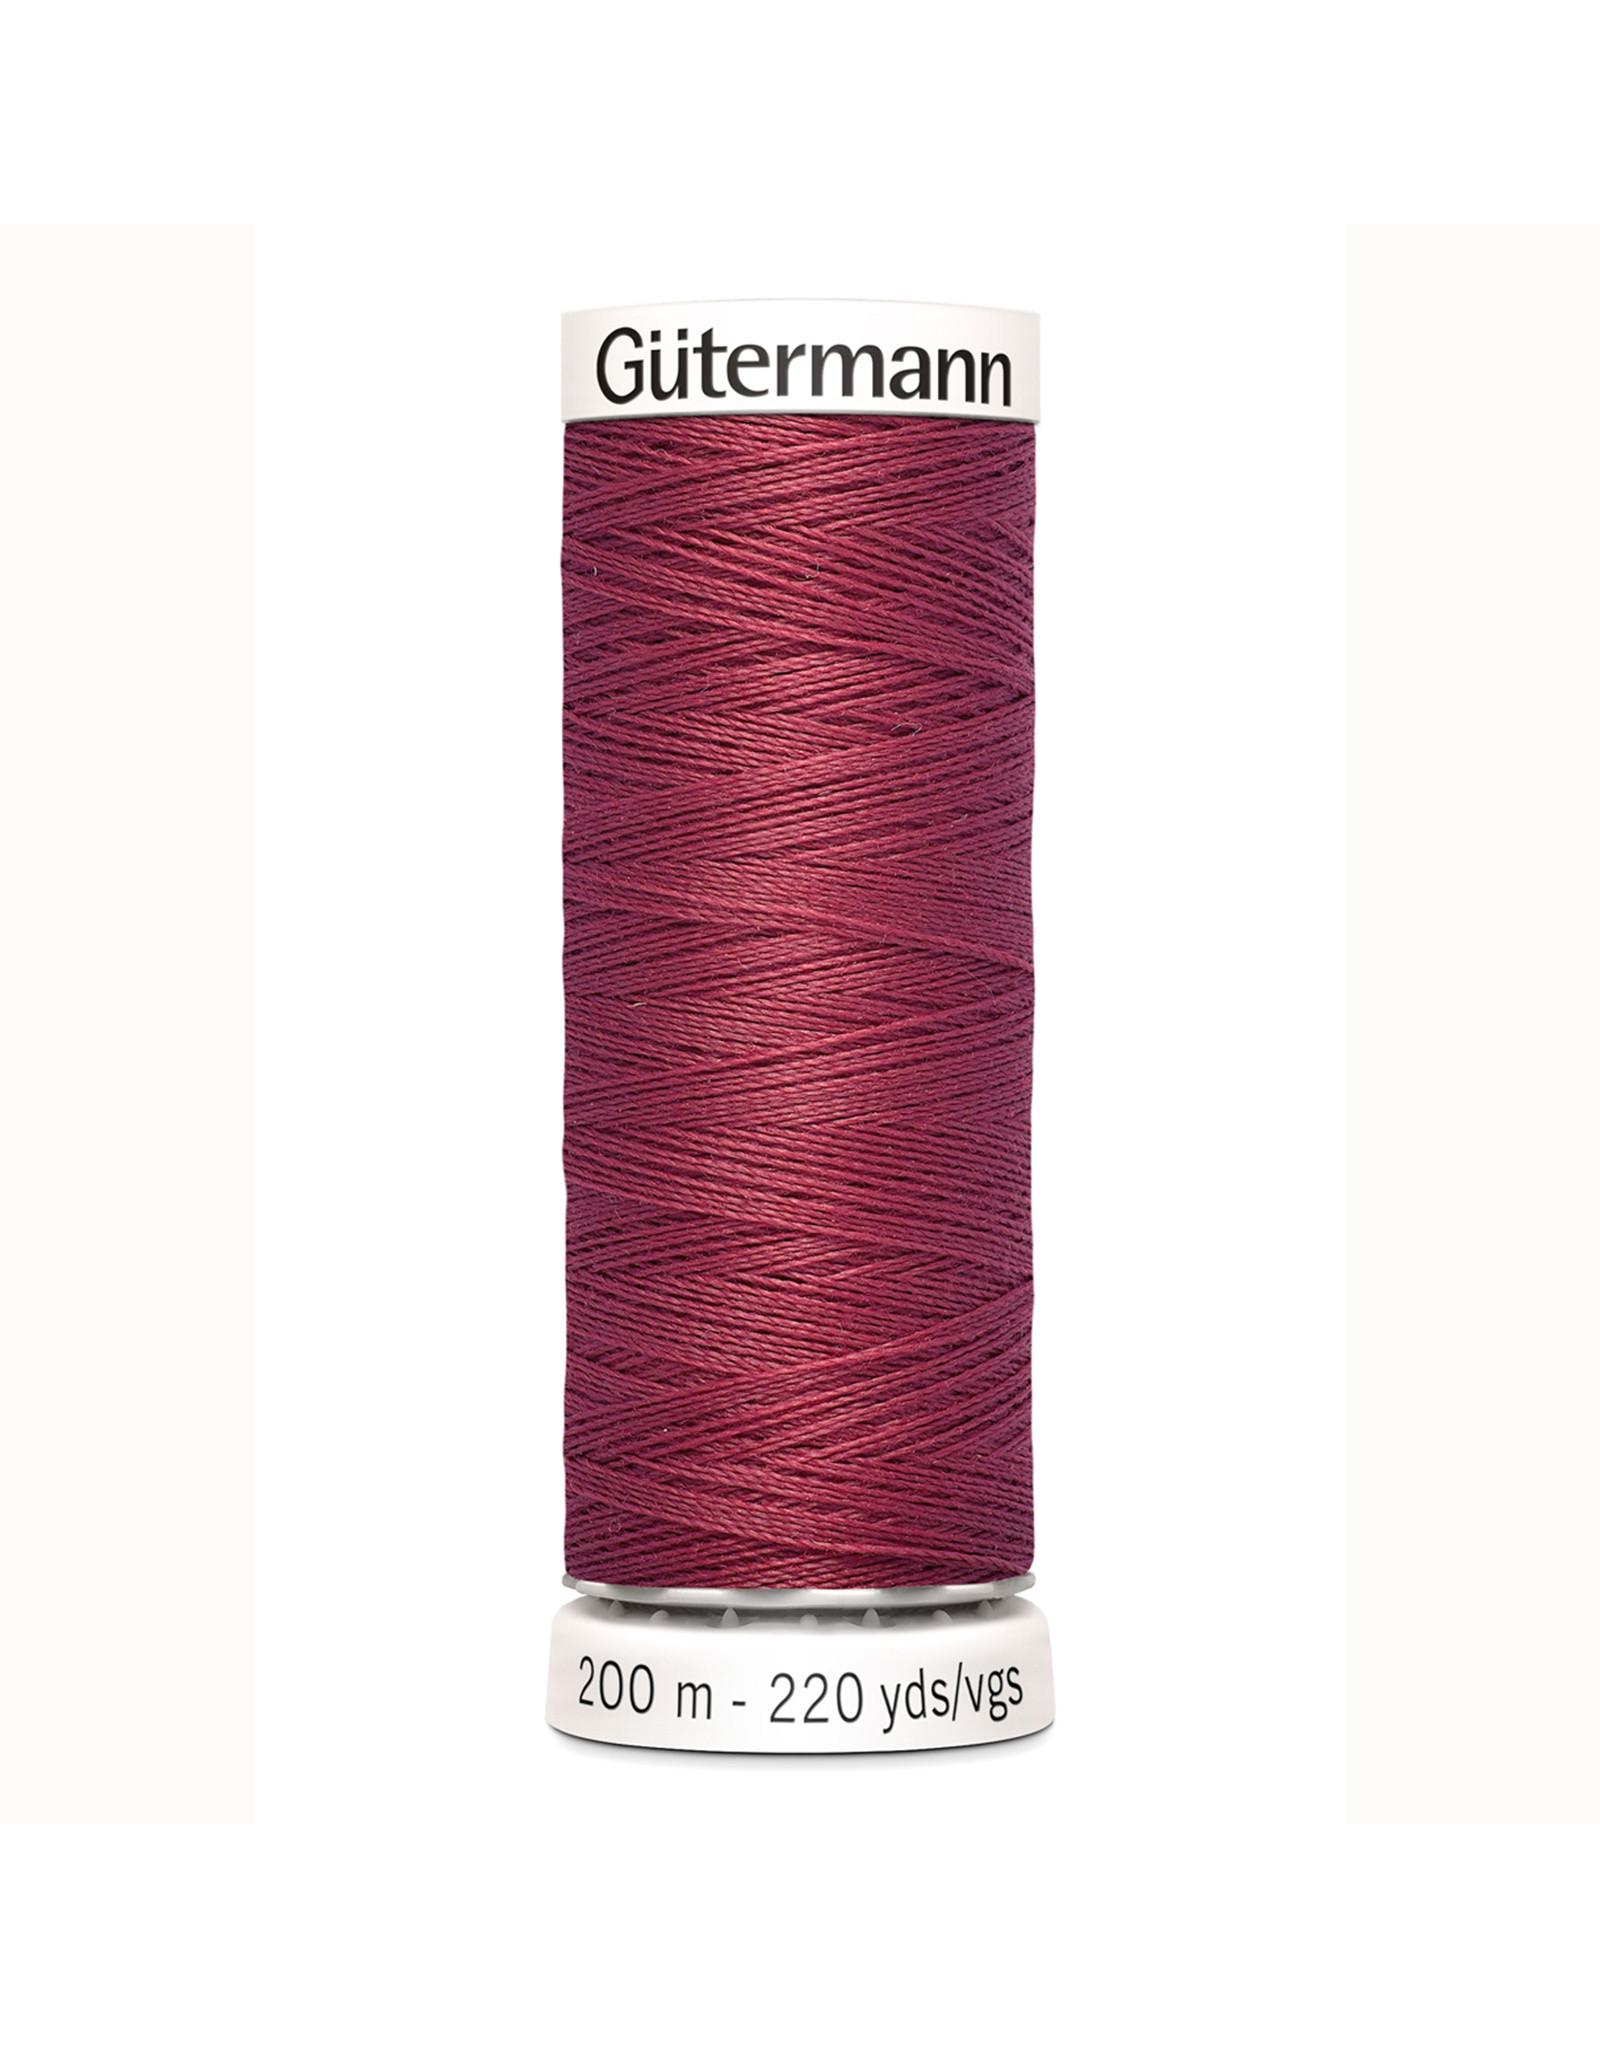 Gütermann Gütermann Sewing Thread 200 m - nr 730